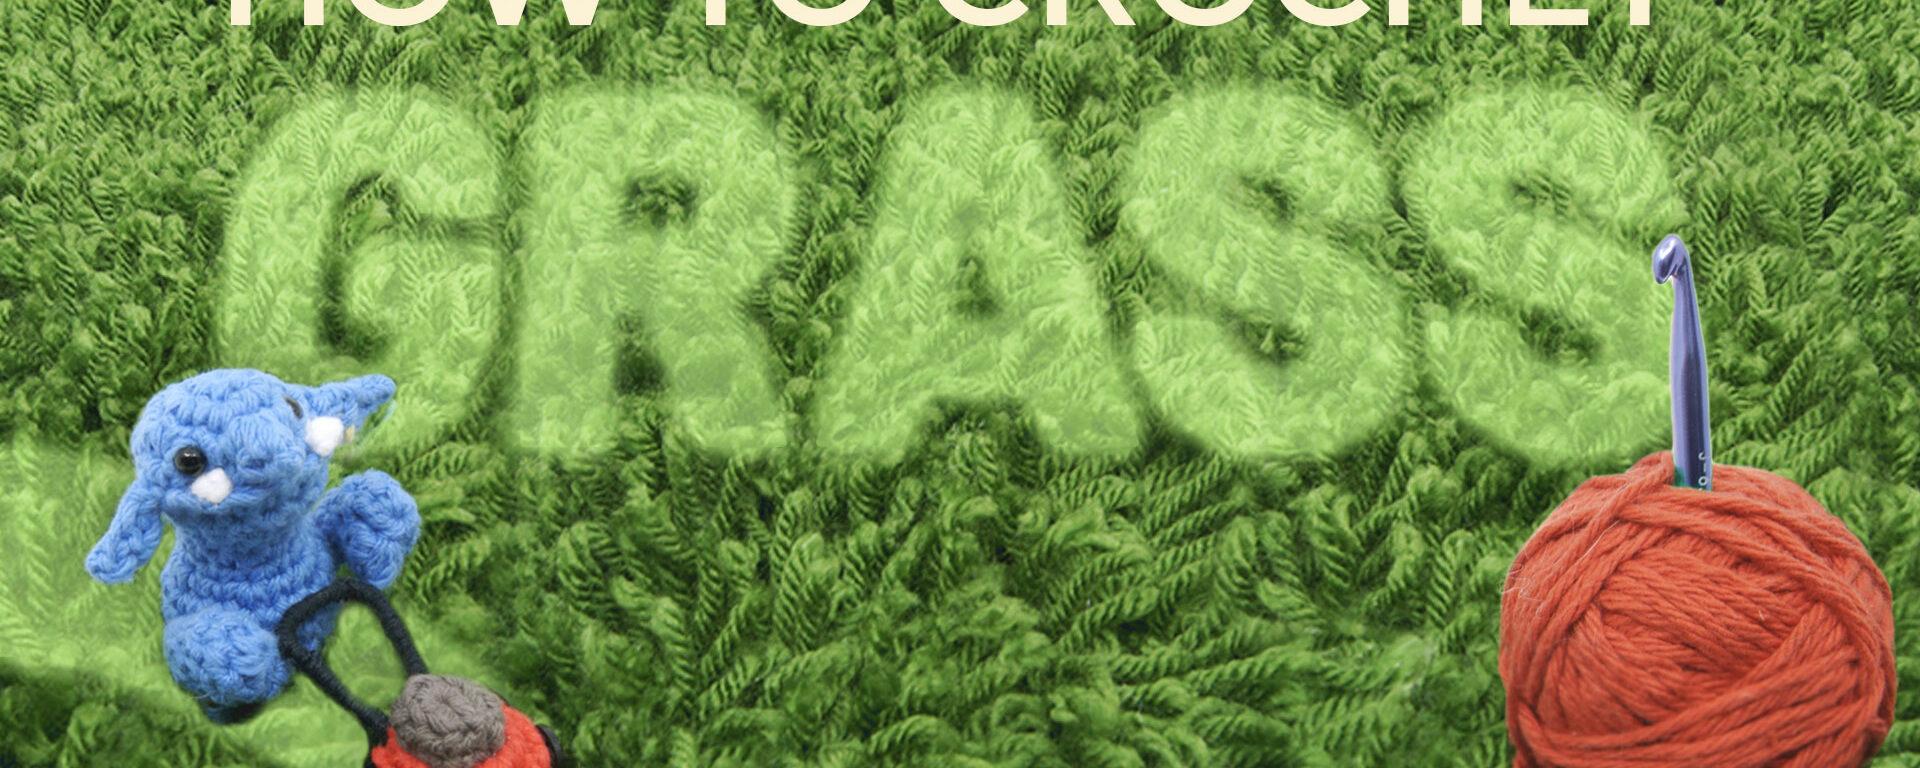 How to Crochet Grass